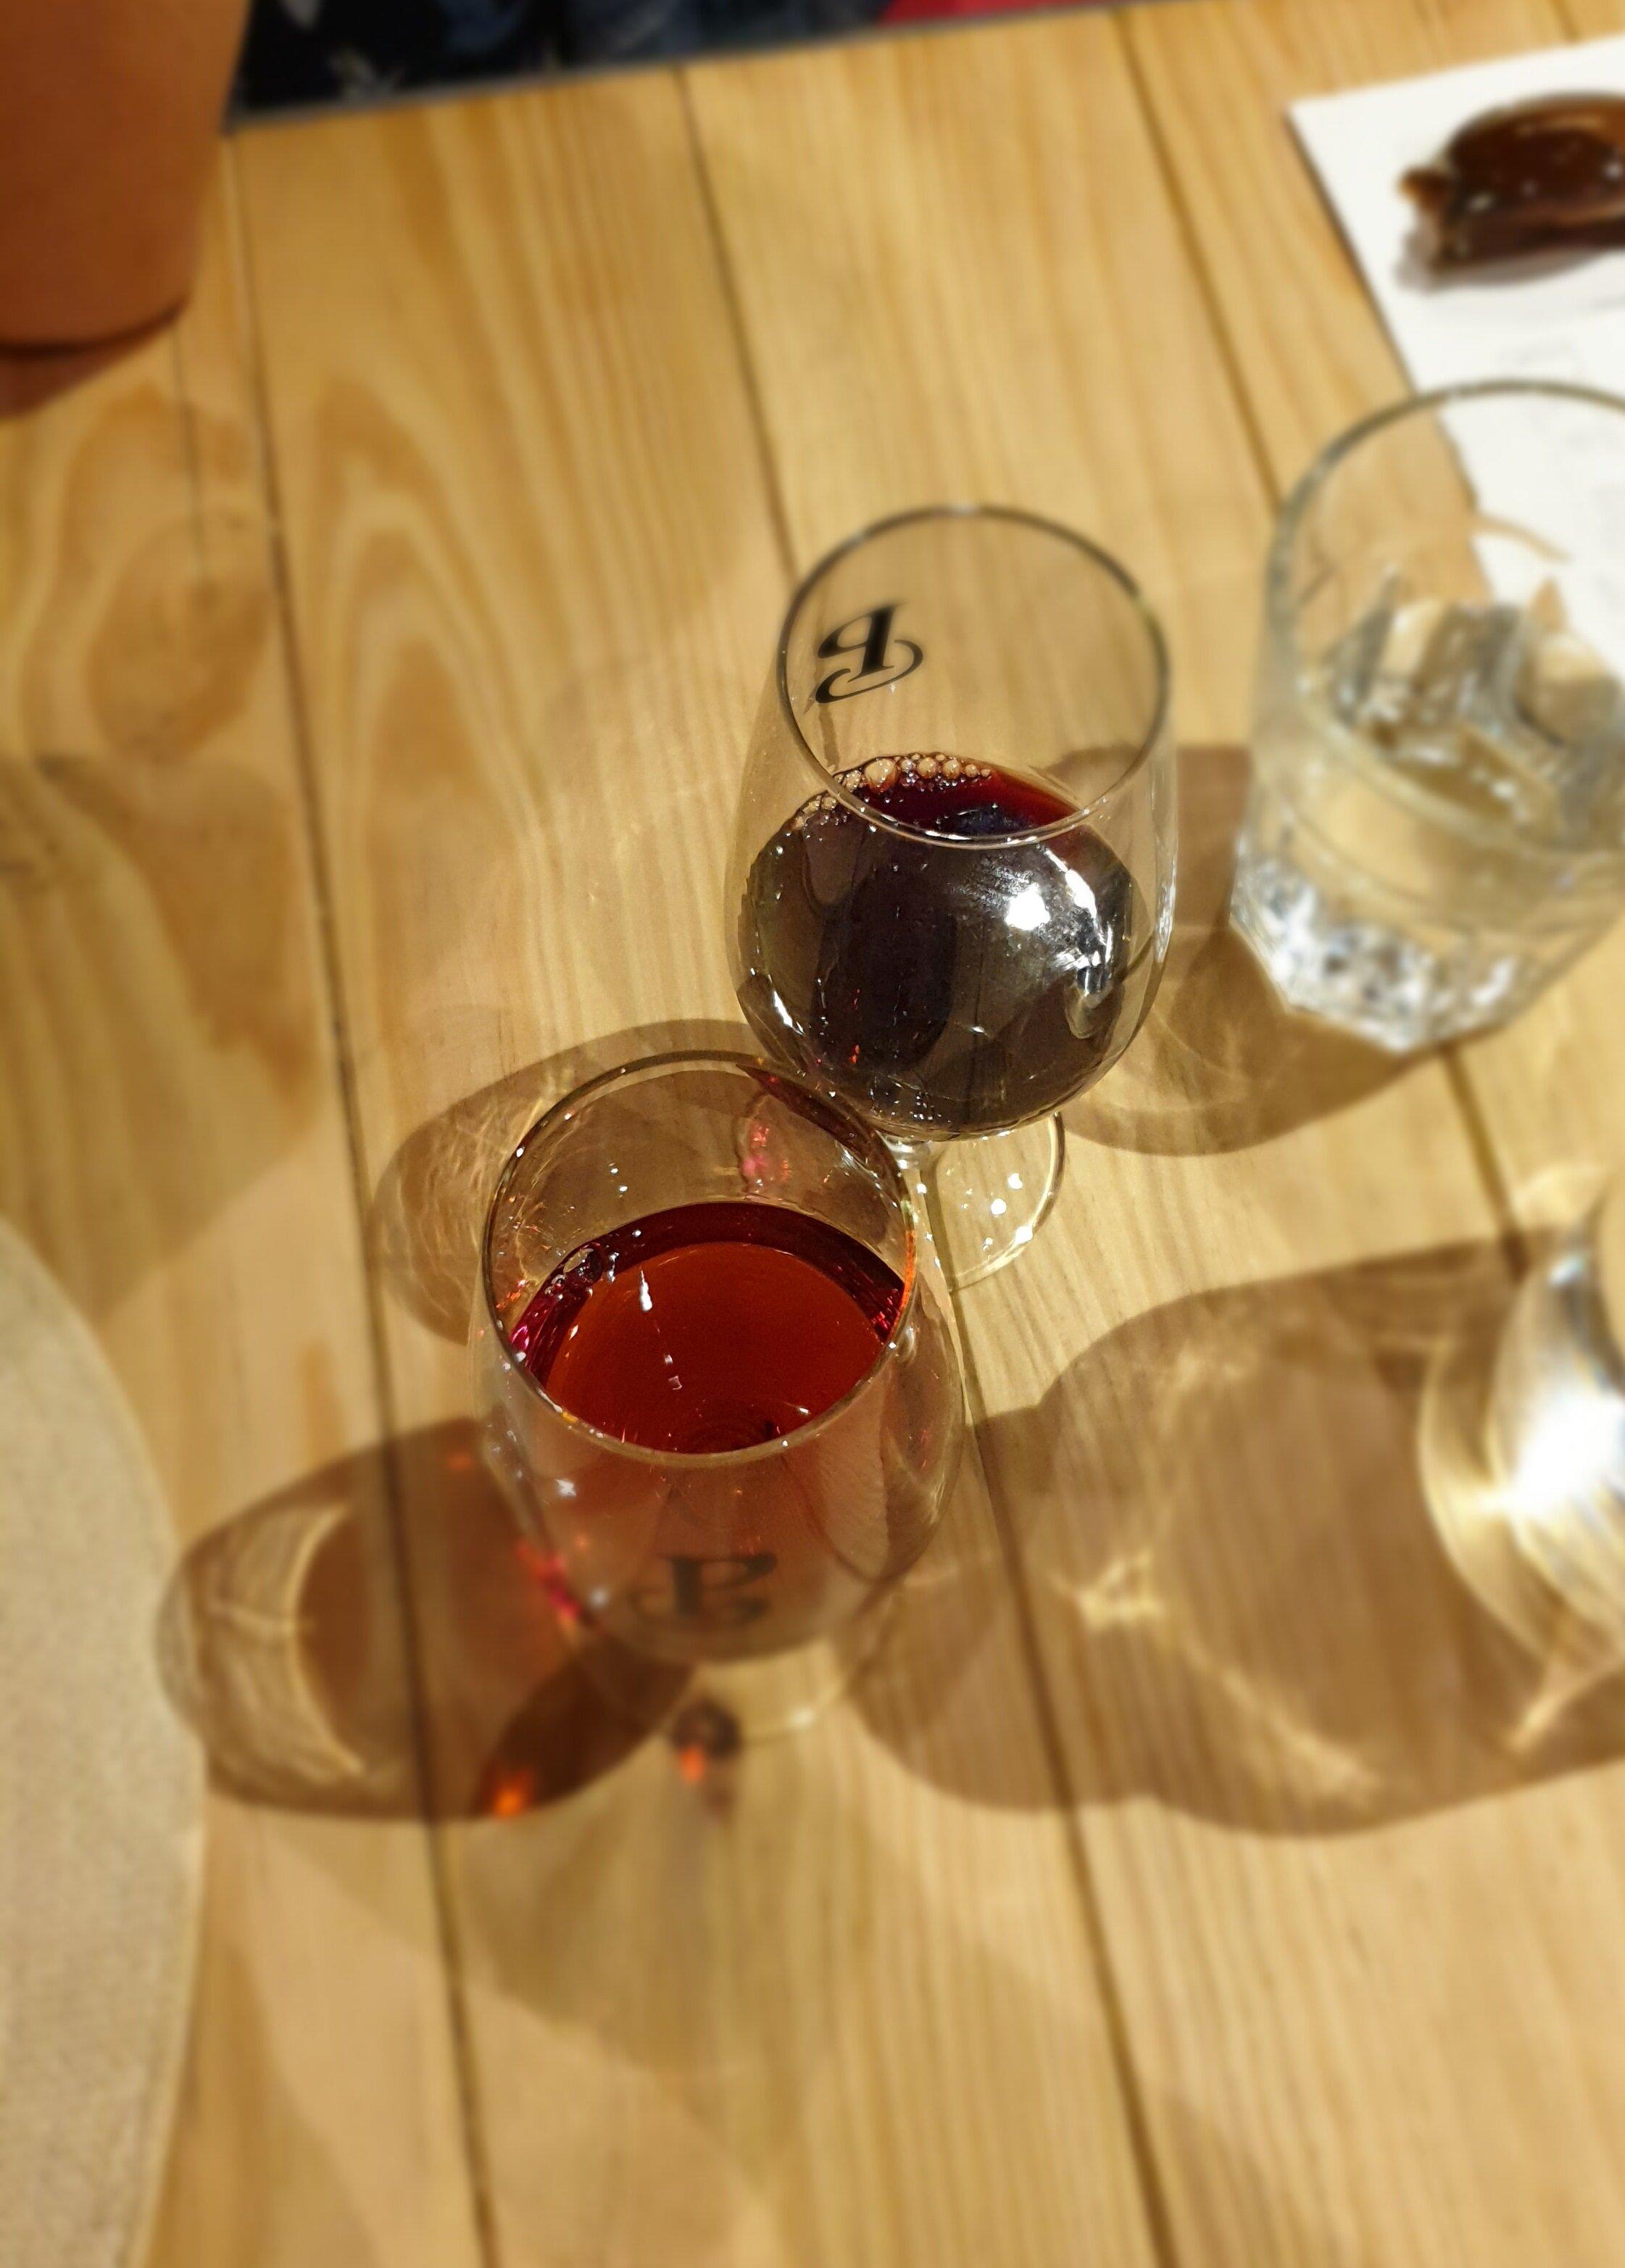 Port tasting in Vila Nova de Gaia-based wineries is always delicious!  (photo: Breno Salvador)